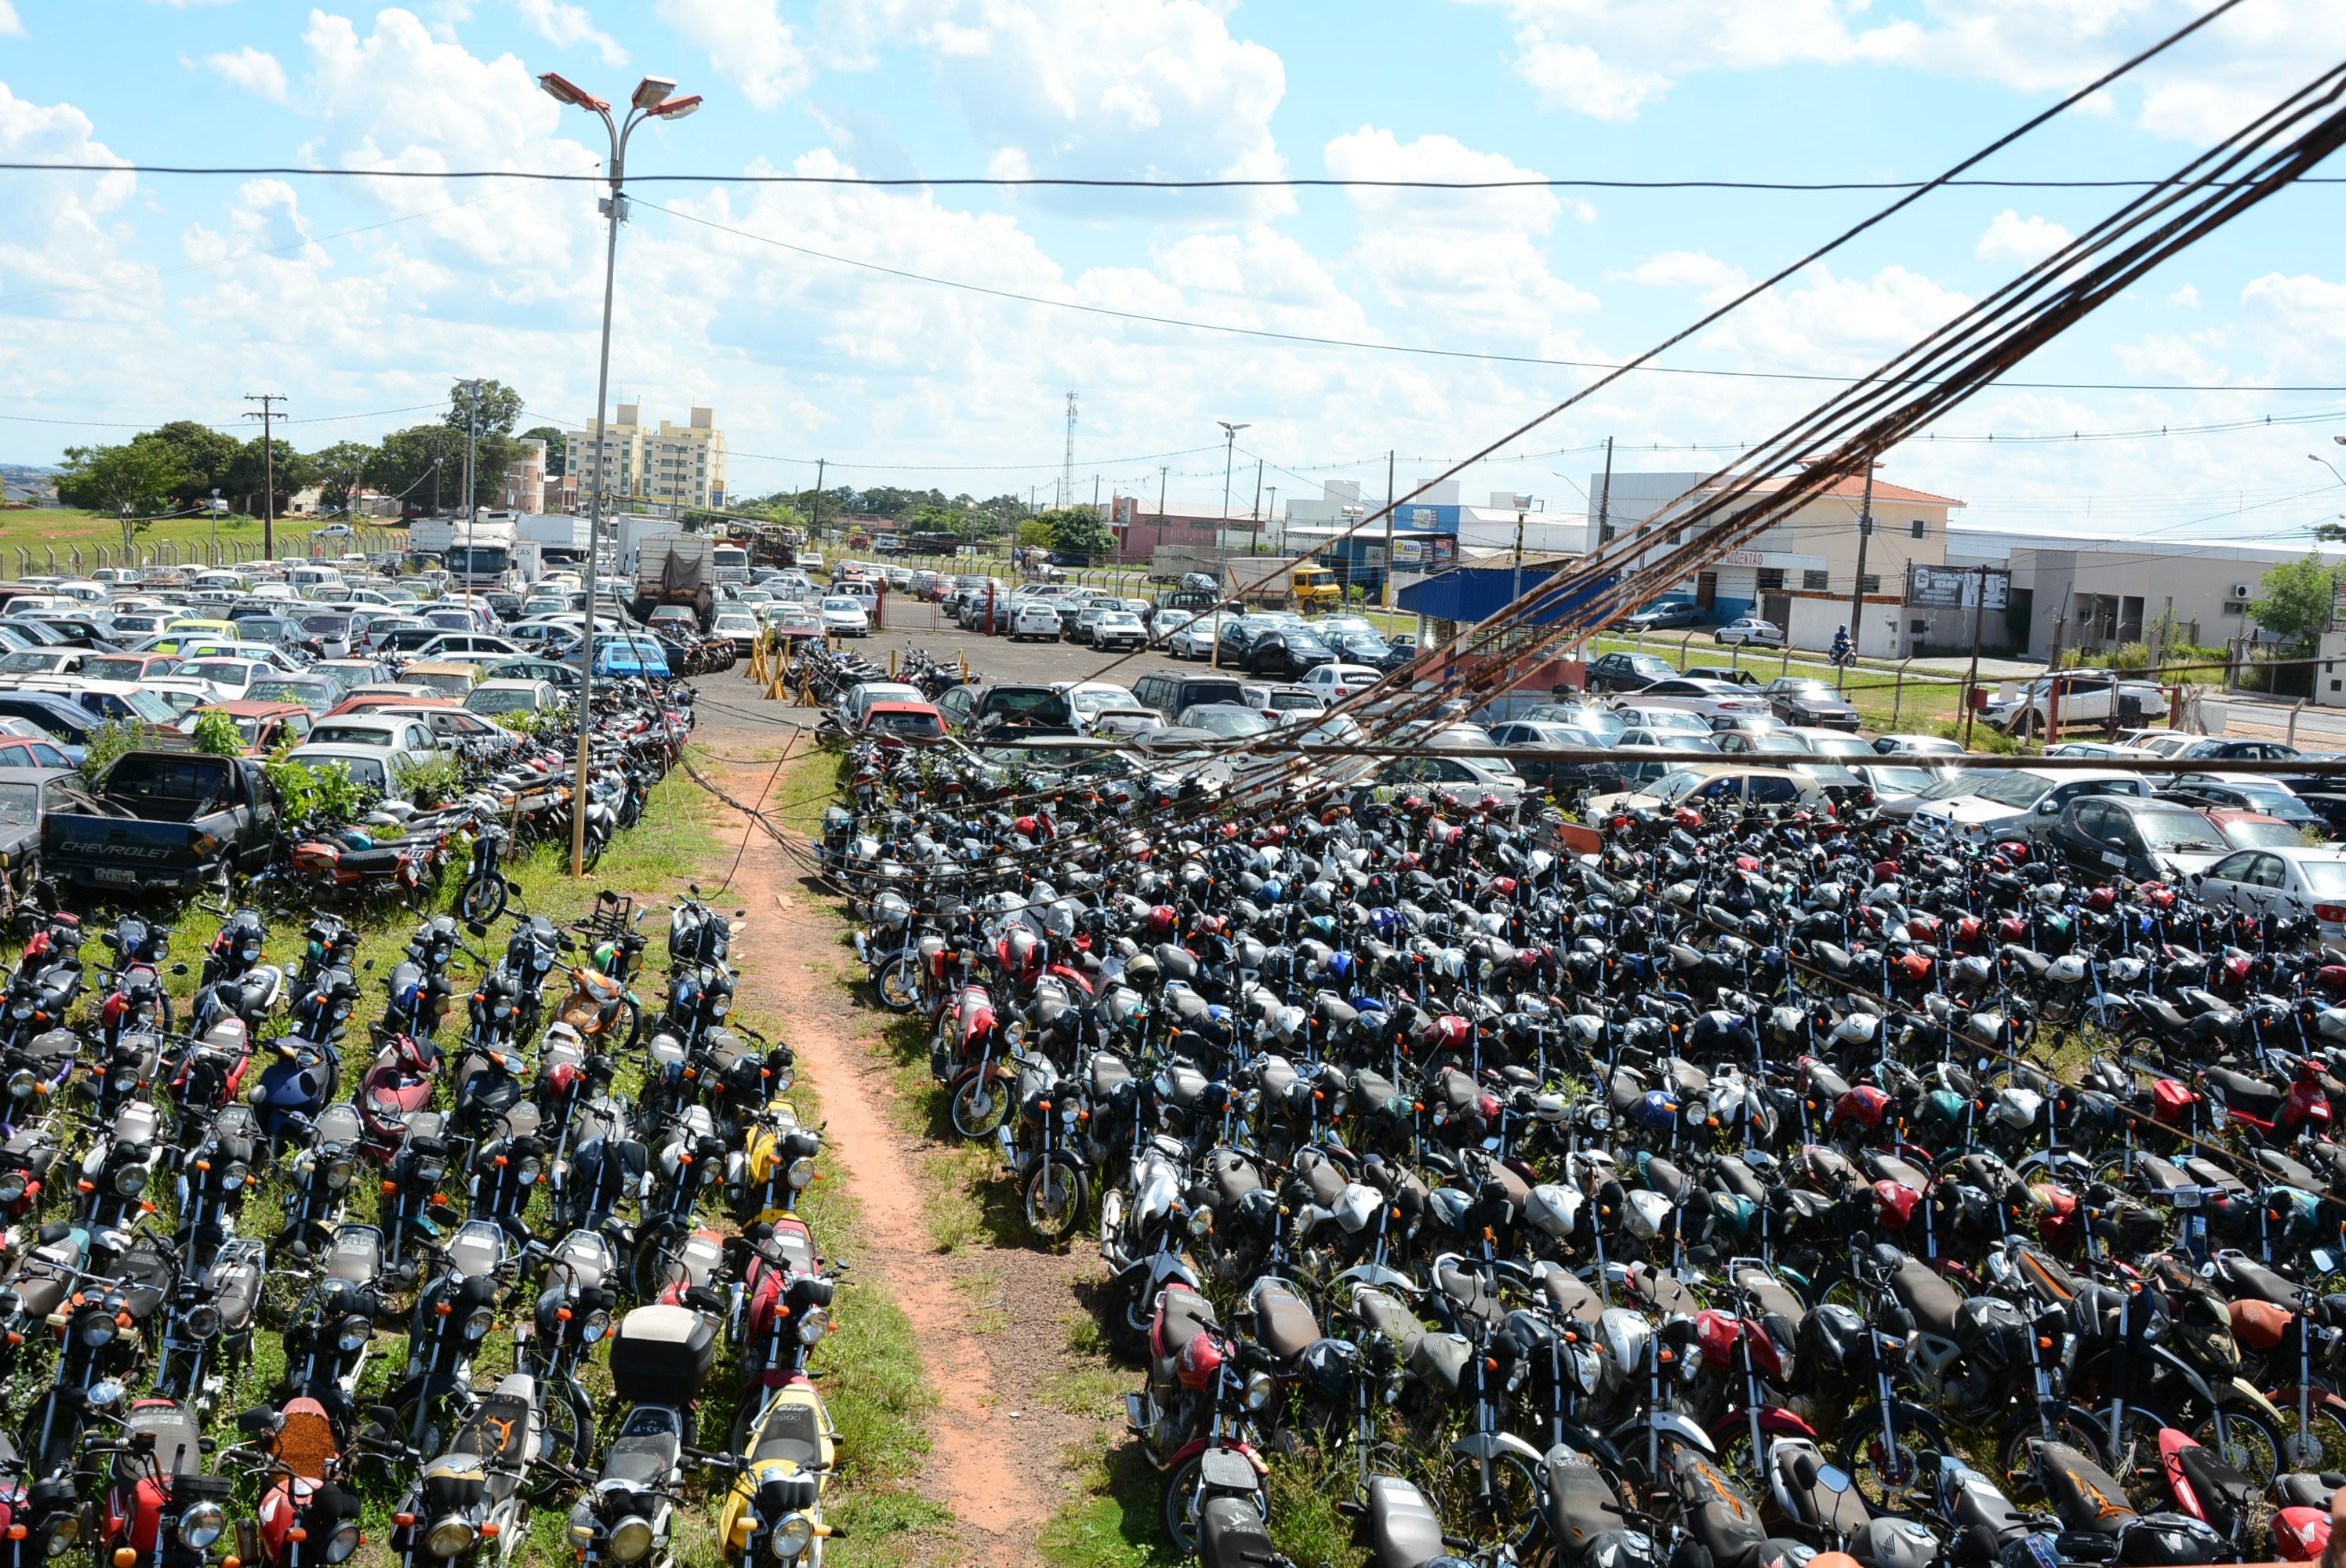 Terceirização de Pátio Municipal de veículos apreendidos é aprovada pela Câmara Municipal de Presidente Prudente - Notícias - Plantão Diário